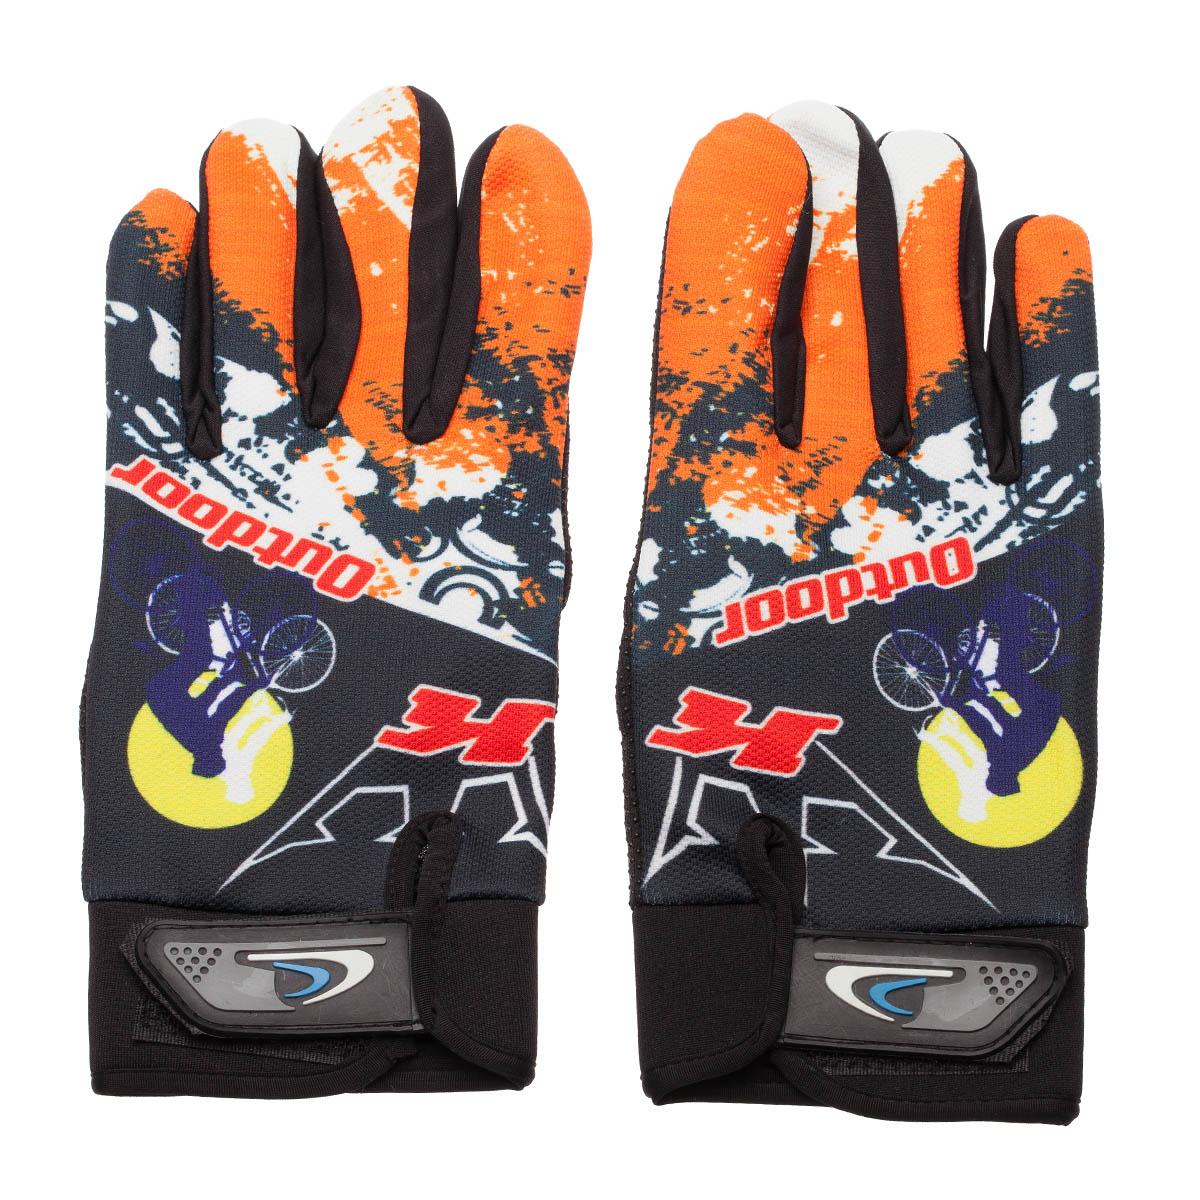 Велоперчатки Overcome, 37937-1 цена